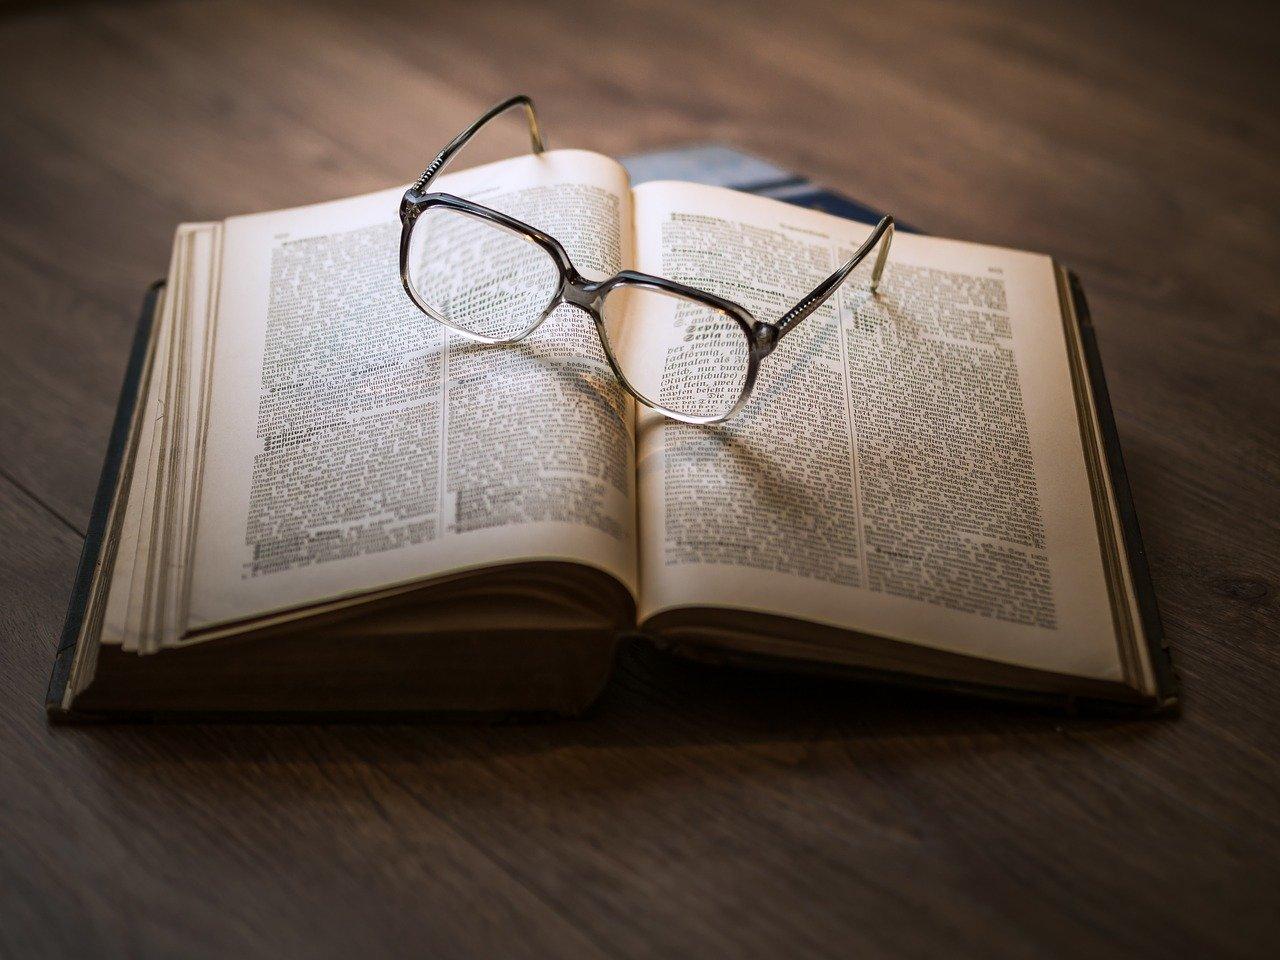 洋書の本の上にメガネが置いてある